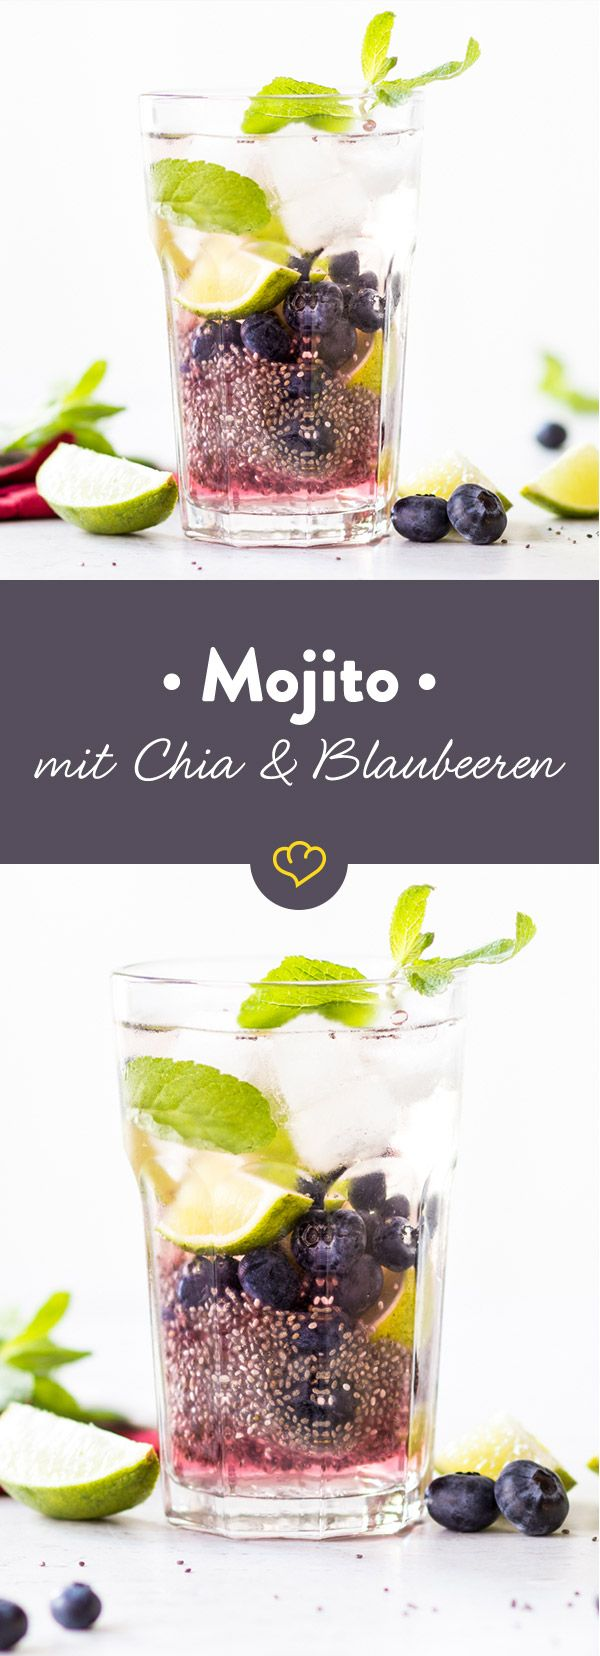 Dieser Mojito macht nicht nur blau, er ist es auch. Frische Blaubeeren und geelige Chia Samen machen den klassischen Mojito zum erfrischenden Chia-Cocktail.